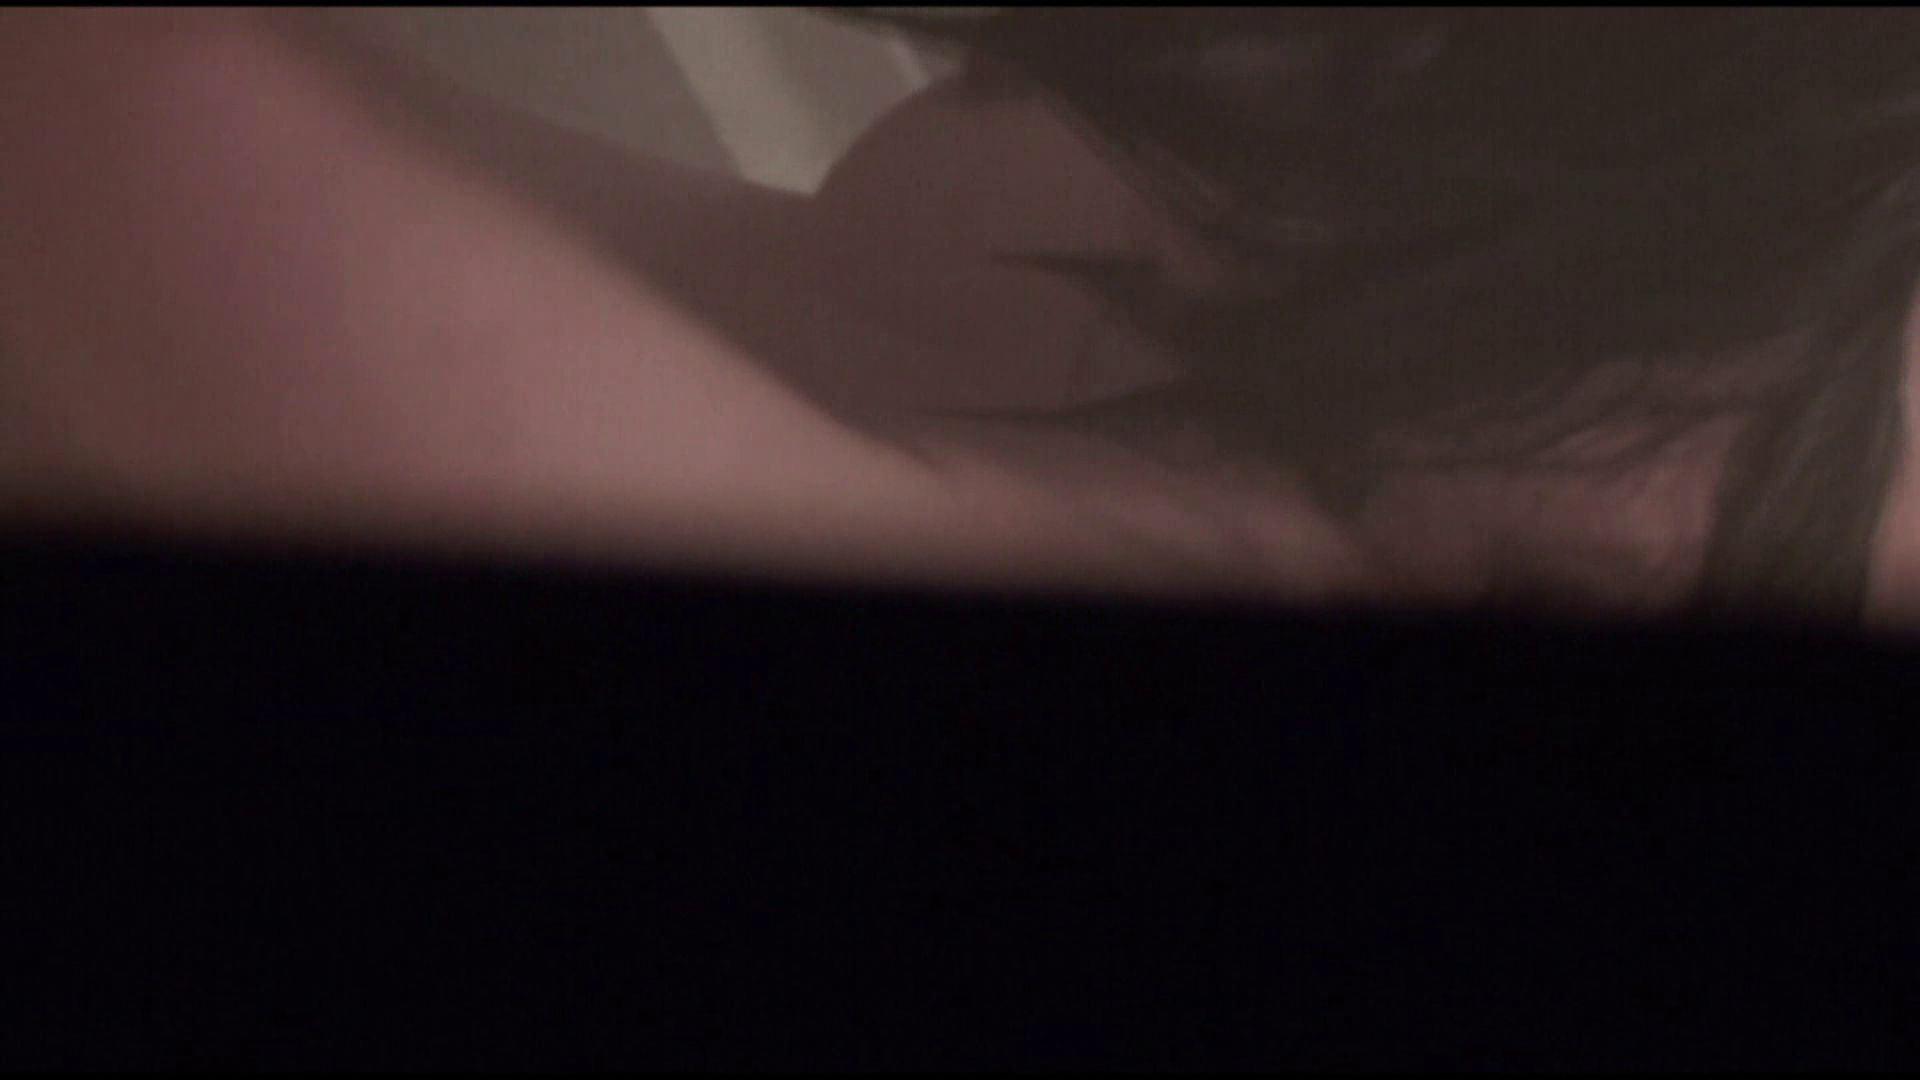 民家の騎士さんの最後の性戦ハイビジョン!!No.47 プライベート 盗み撮り動画 79画像 15